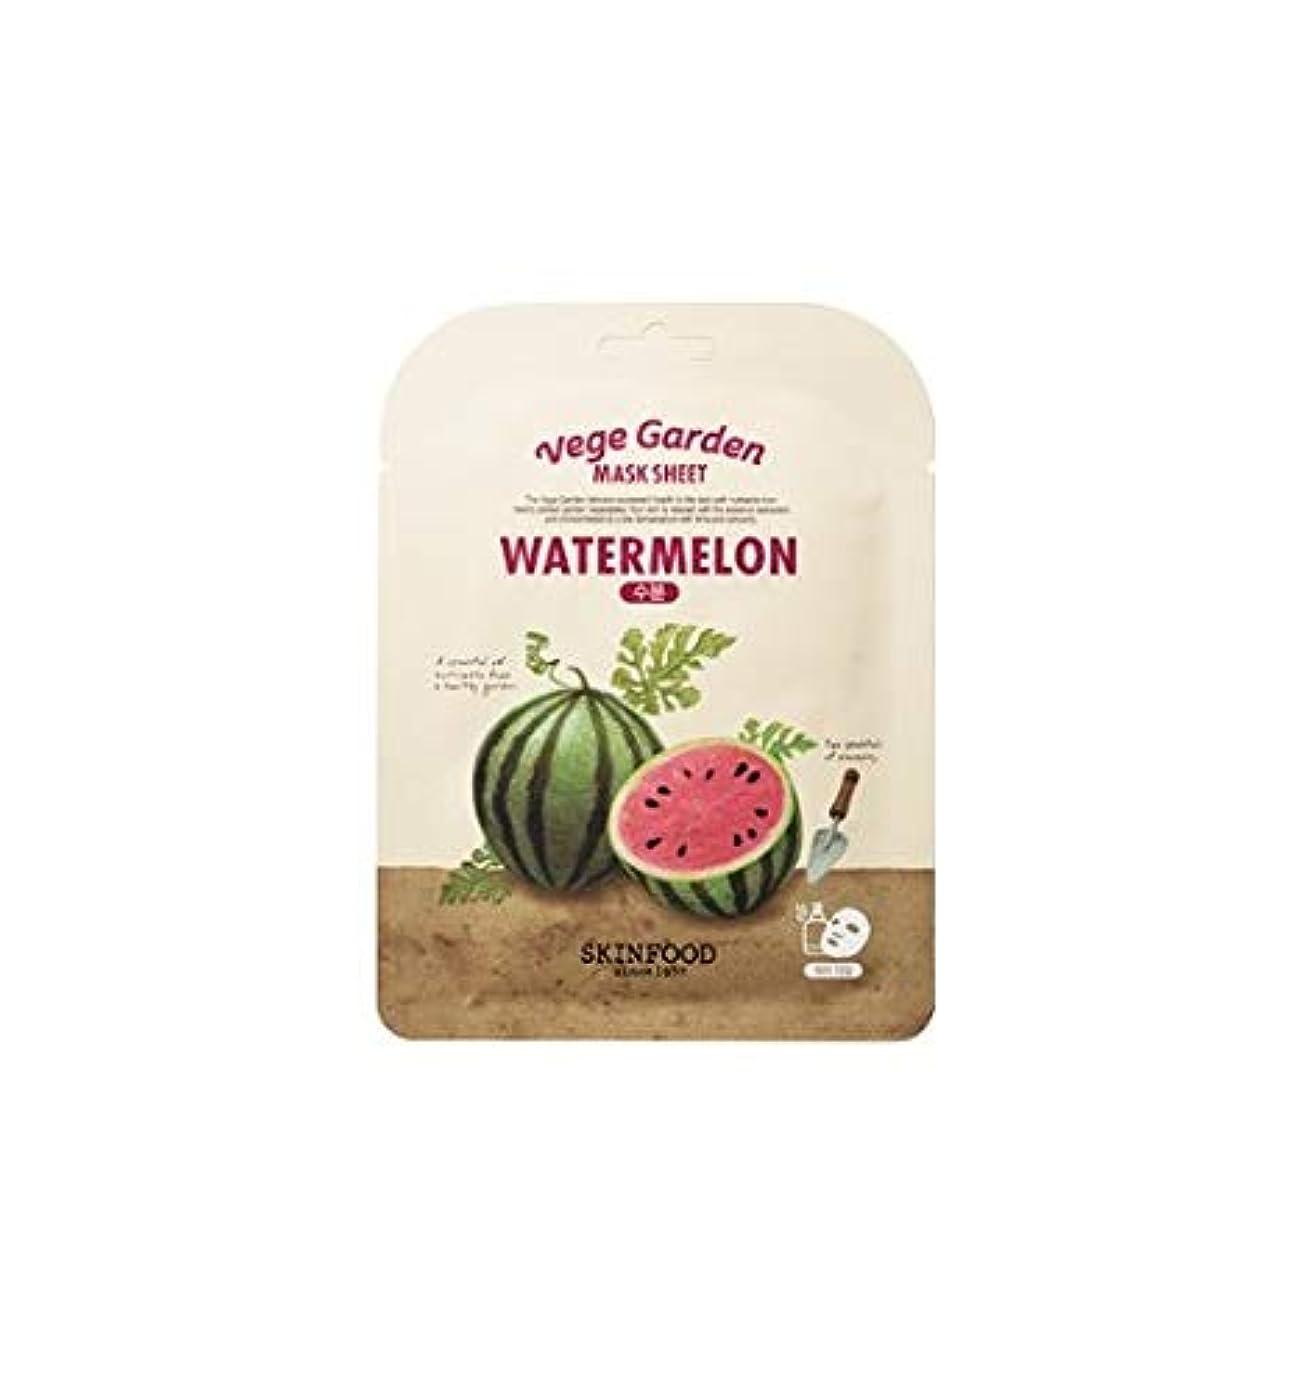 キャンバス水を飲む過敏なSkinfood ベジガーデンマスクシート#スイカ* 10ea / Vege Garden Mask Sheet # watermelon *10ea 20ml*10 [並行輸入品]